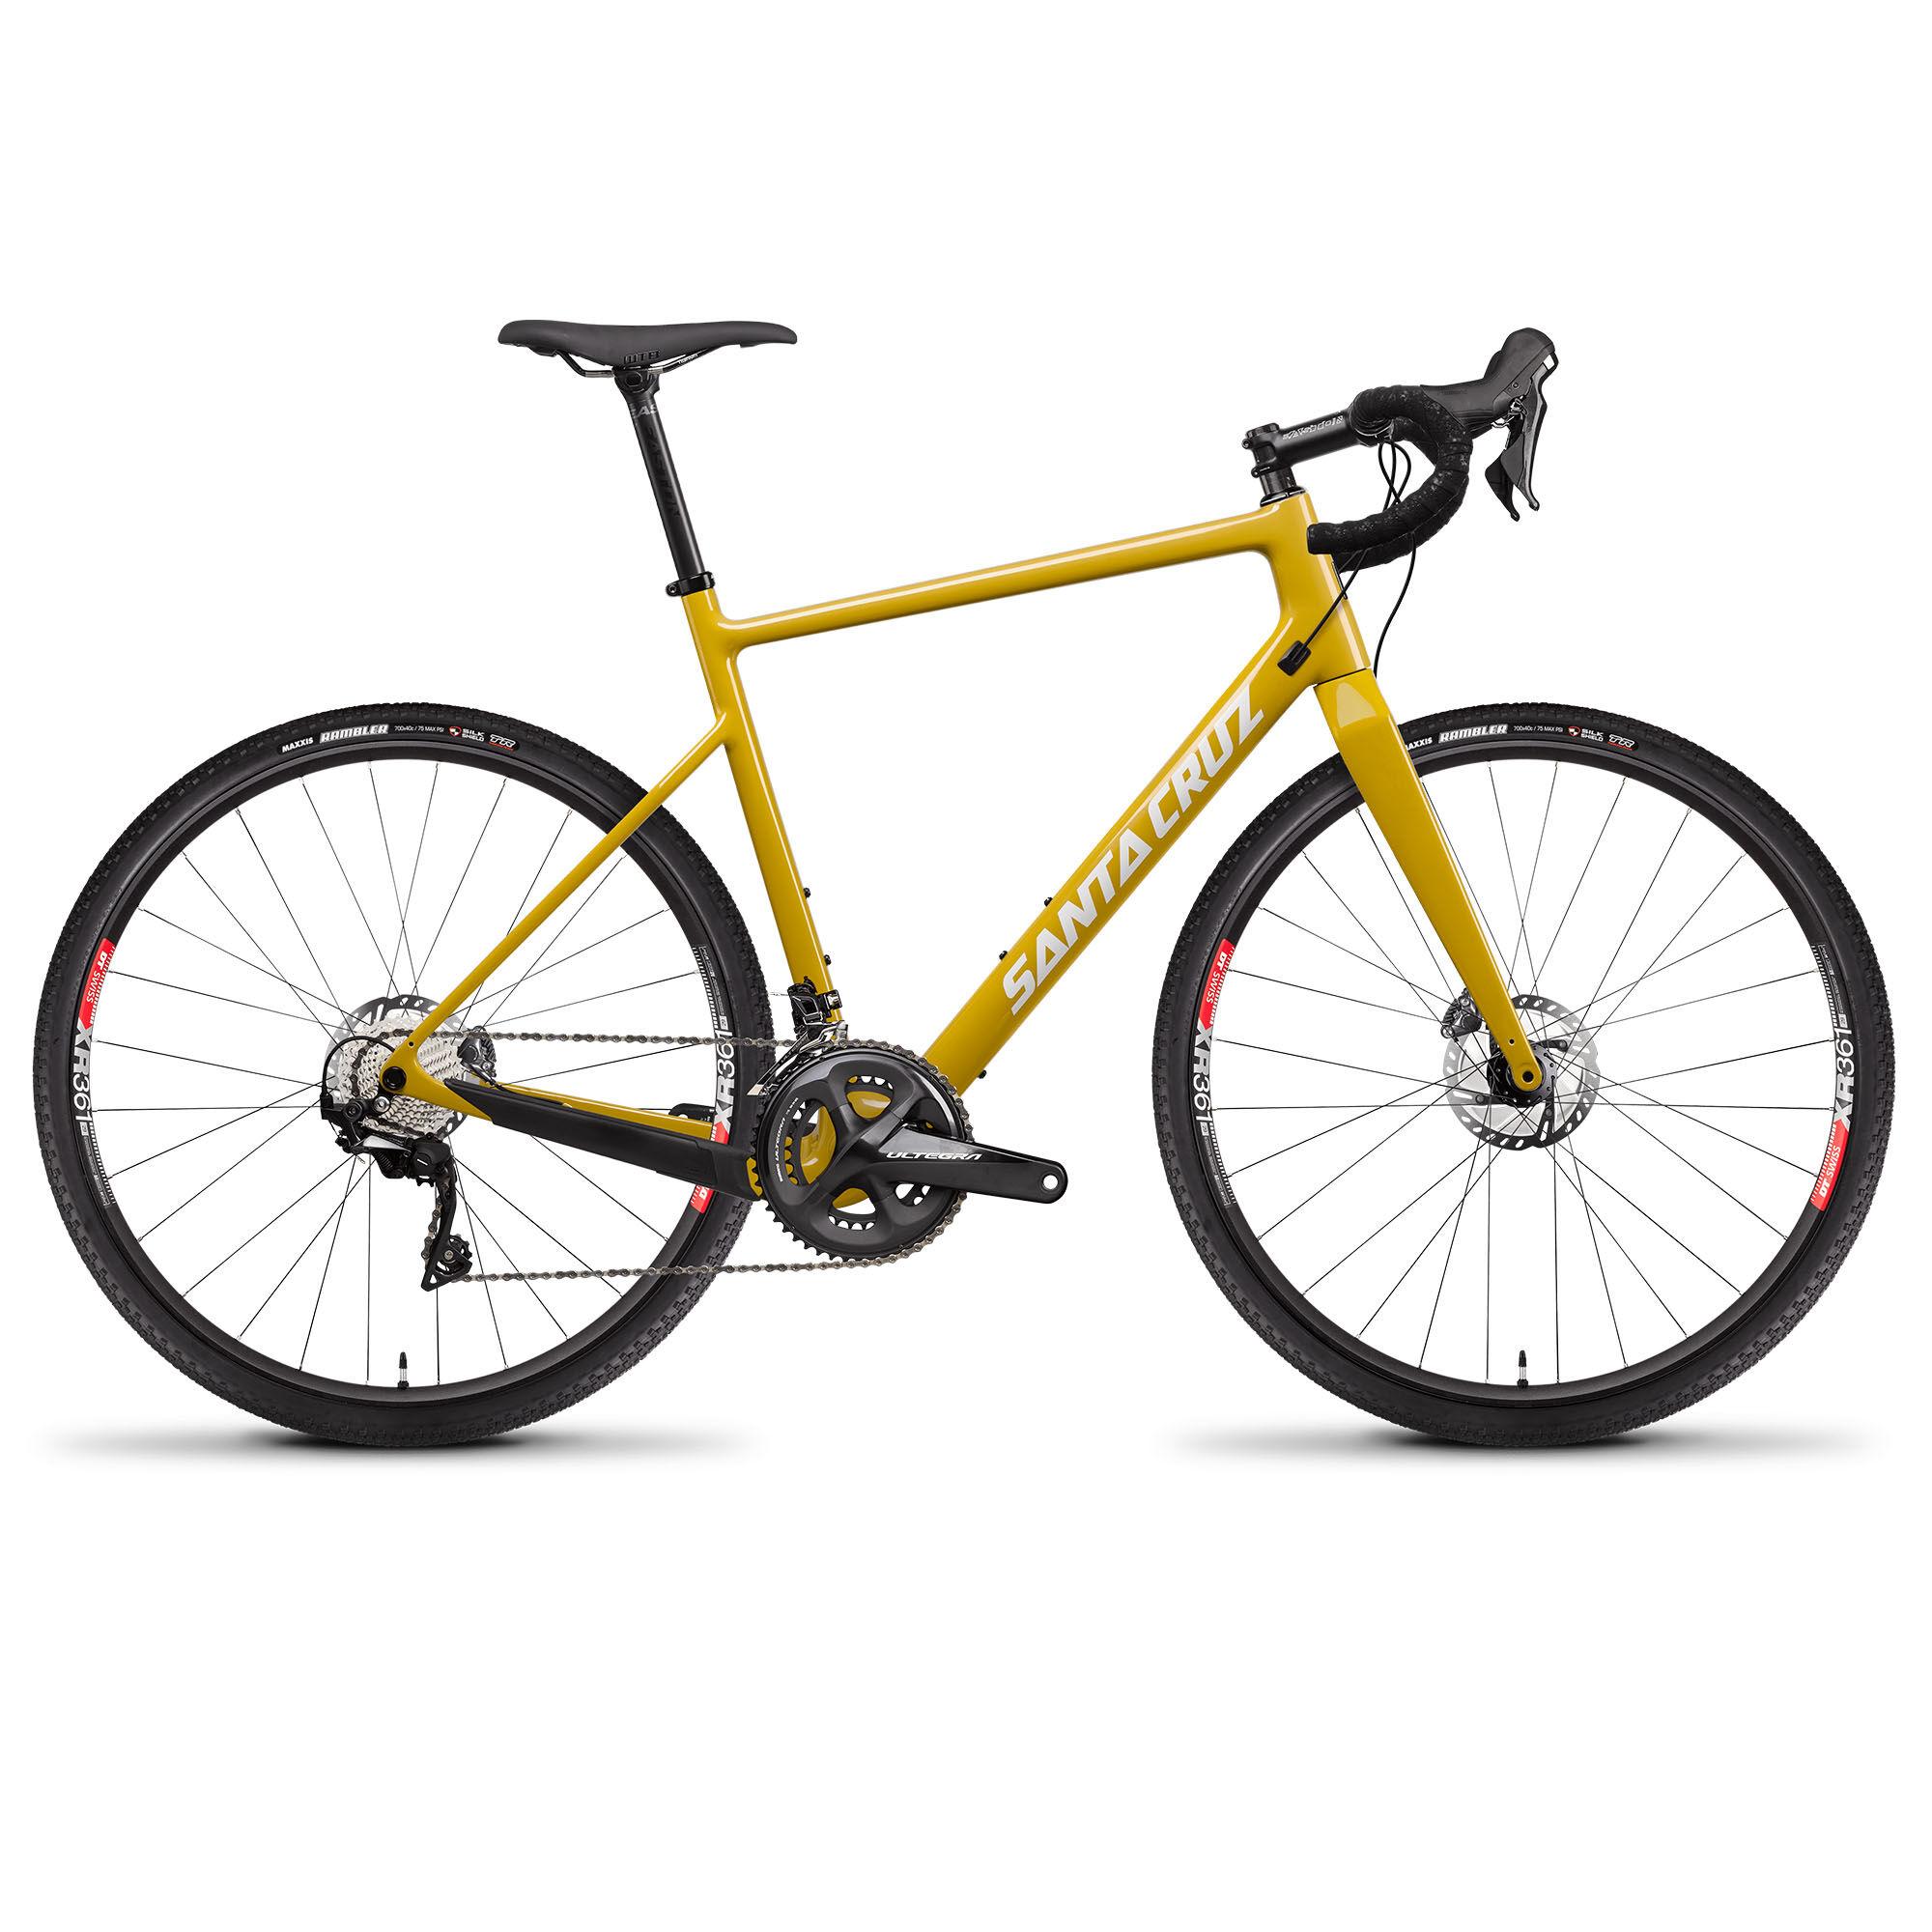 Santa Cruz Men's Stigmata 3.0 CC Ultegra Gravel Bike '20  - Mustard - Size: 54